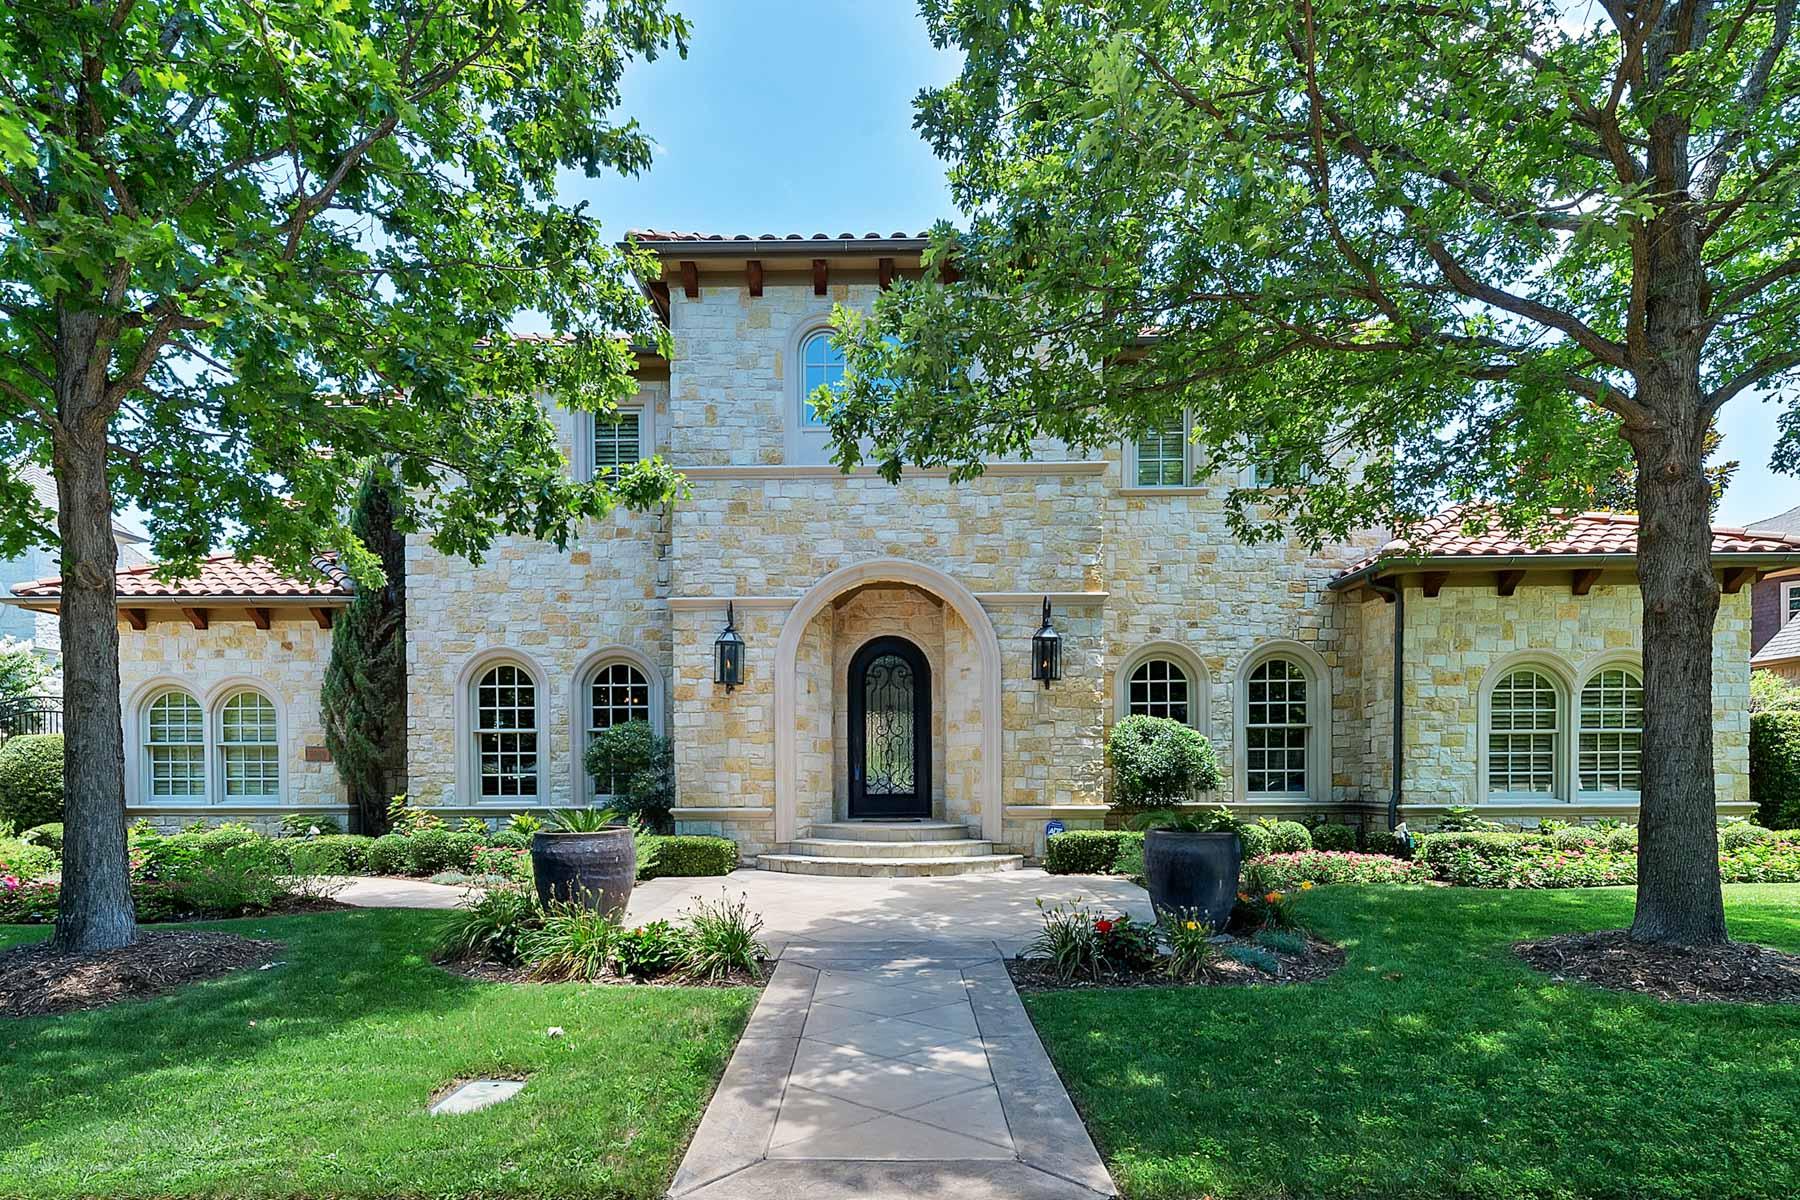 Частный односемейный дом для того Продажа на Extraordinary Custom Mediterranean in Westmont 7009 Westmont Dr Colleyville, Техас, 76034 Соединенные Штаты